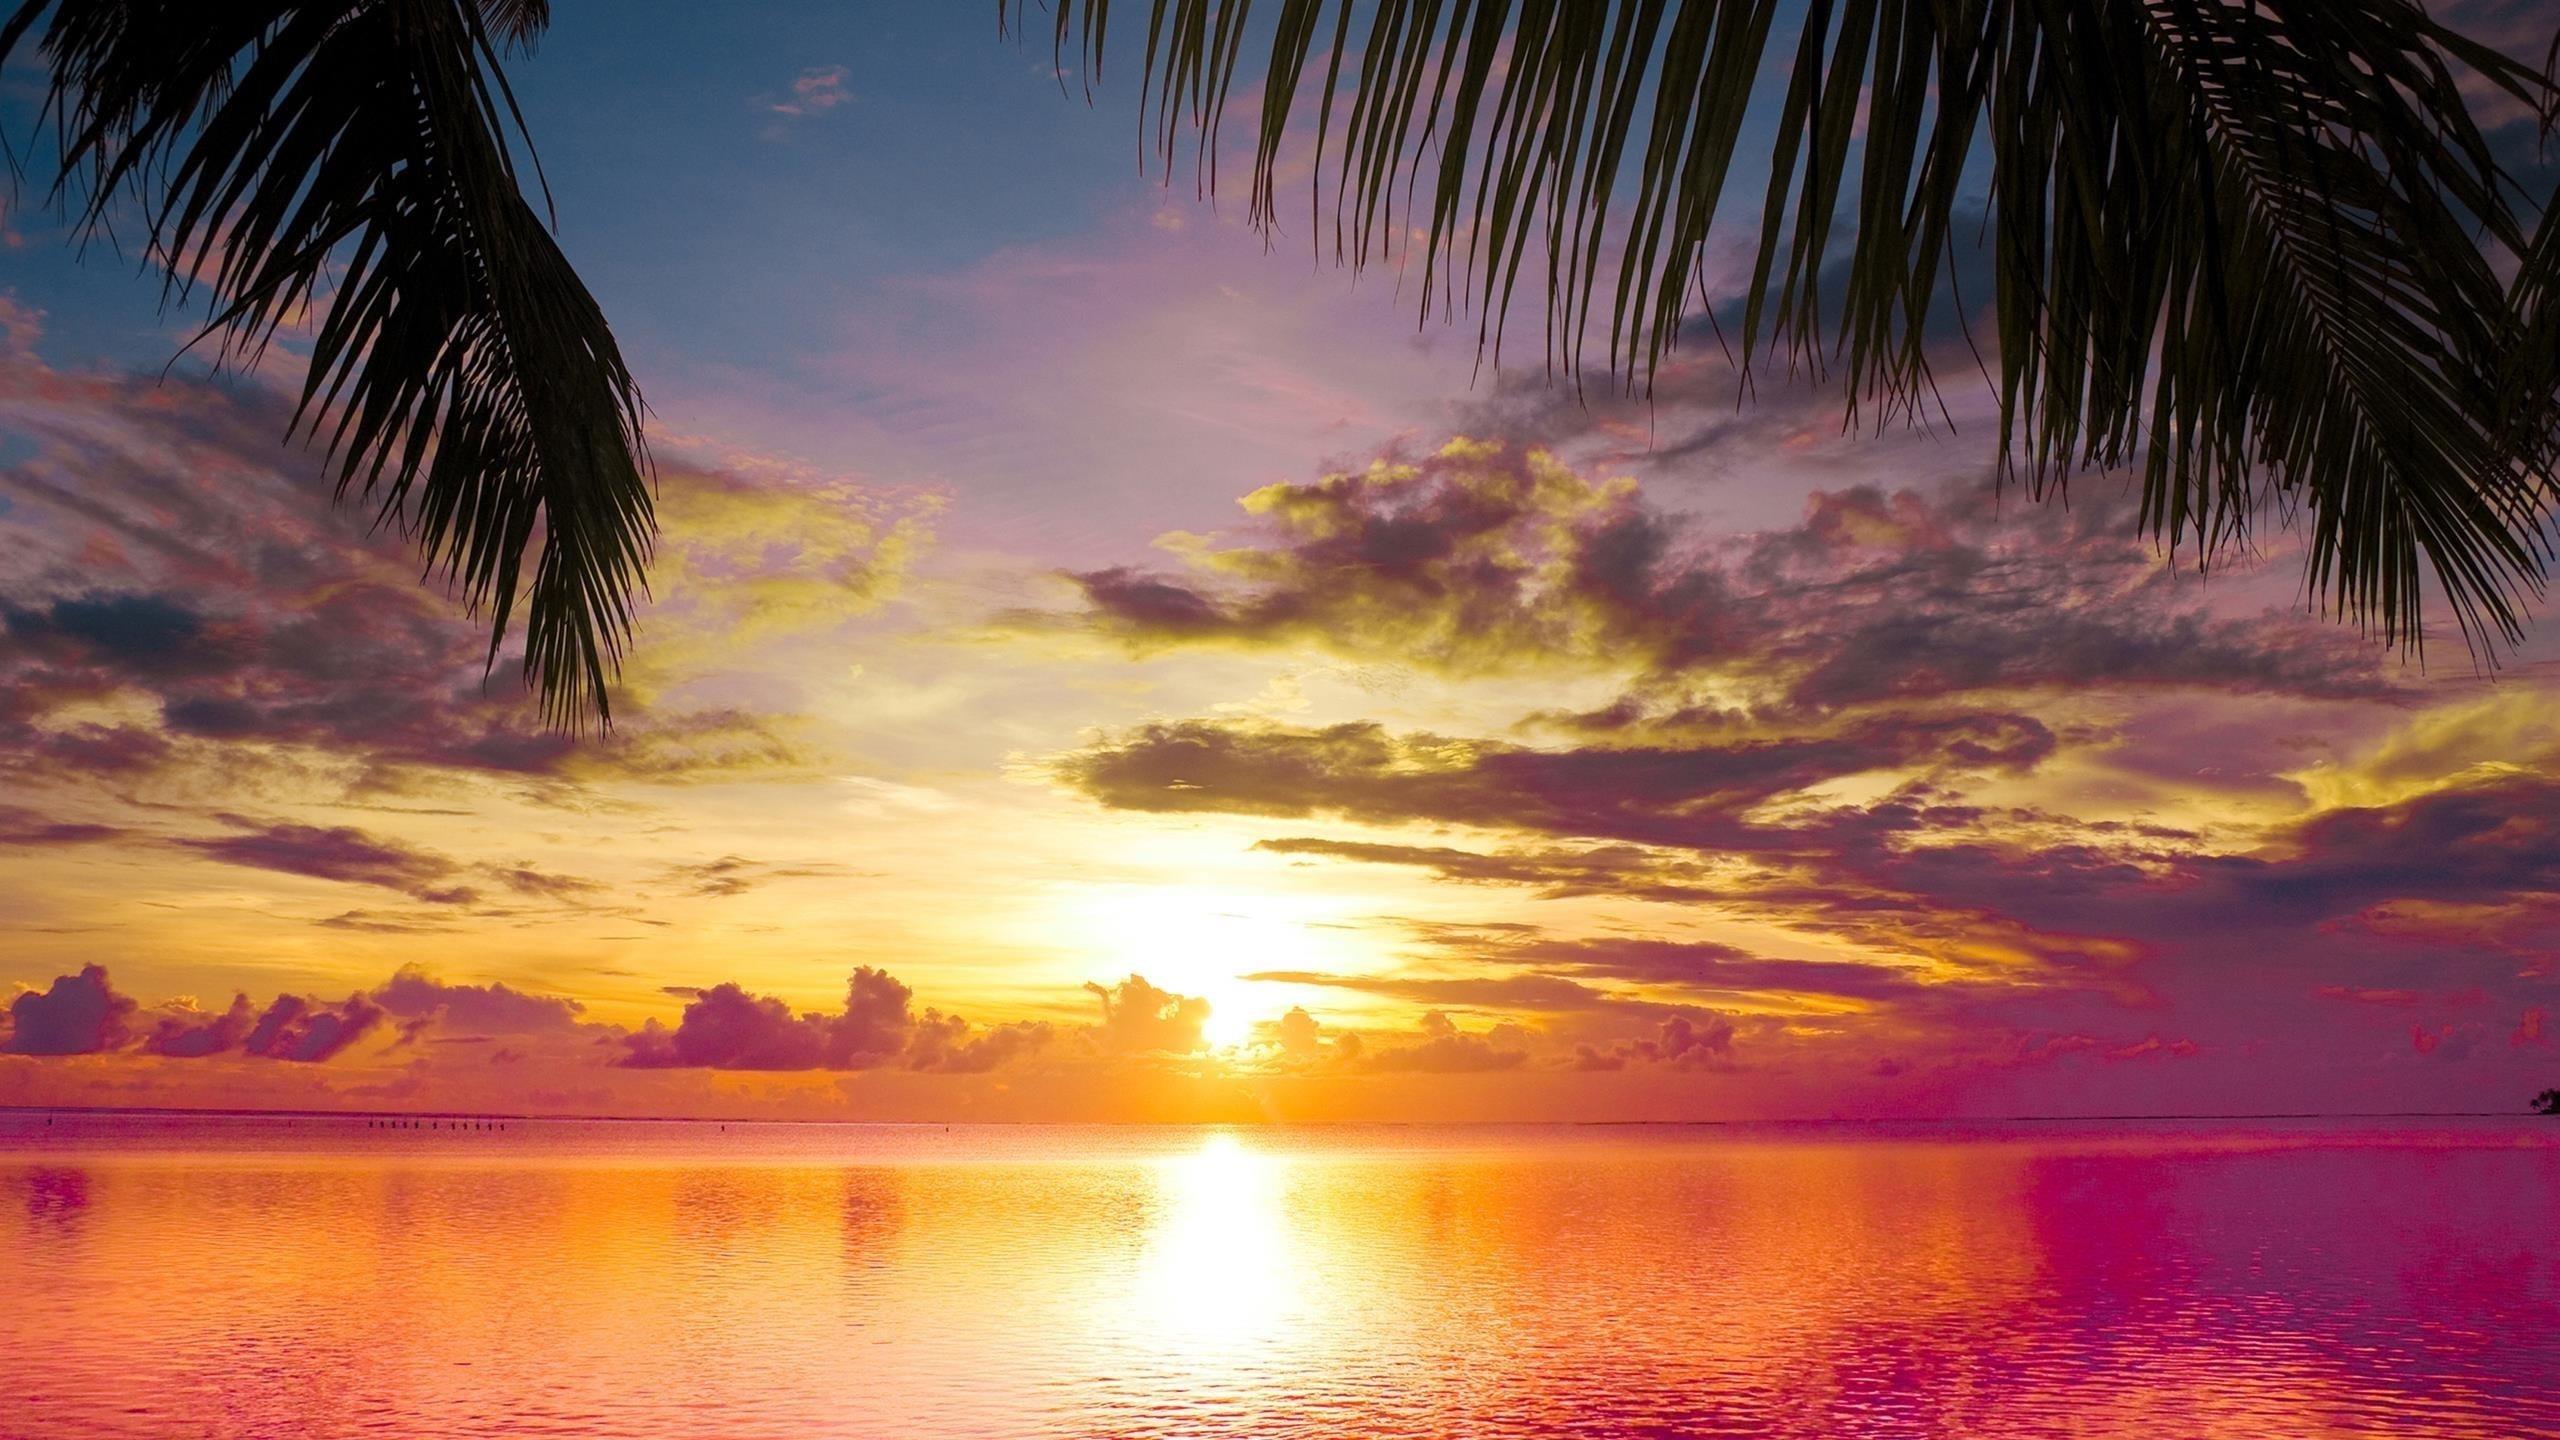 Закат на водоеме под красочным облачным небом закат обои скачать